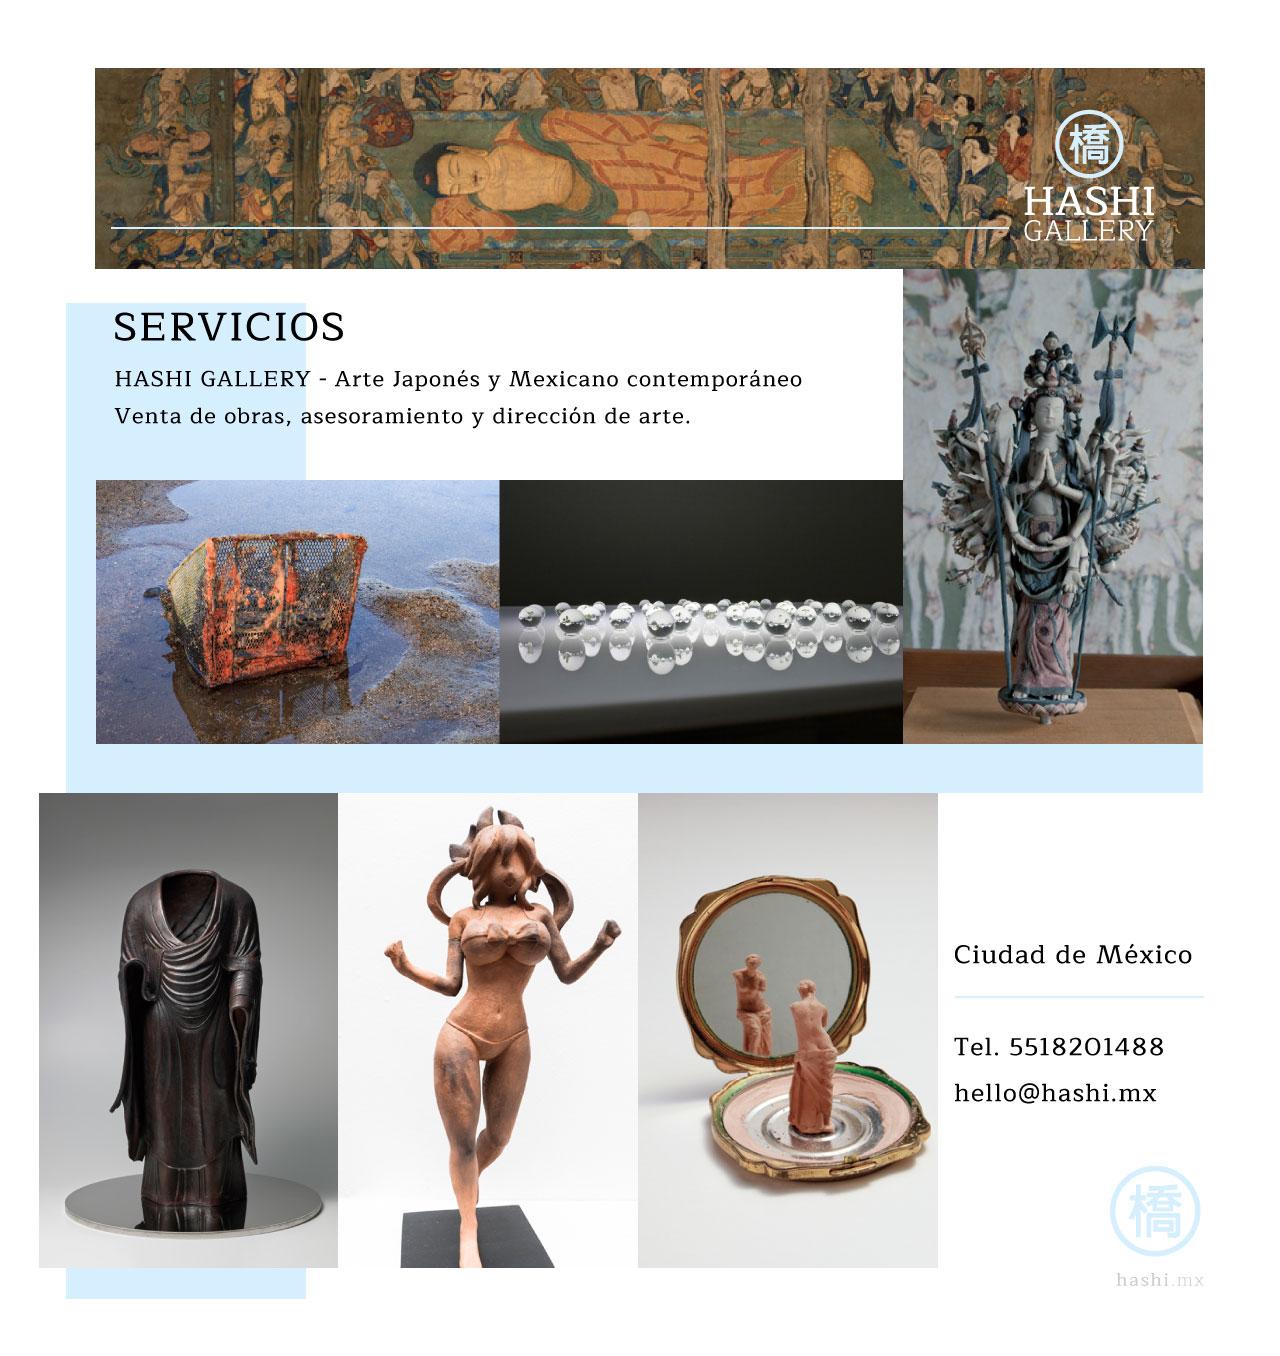 servicios_hashi_gallery_slide_fx3